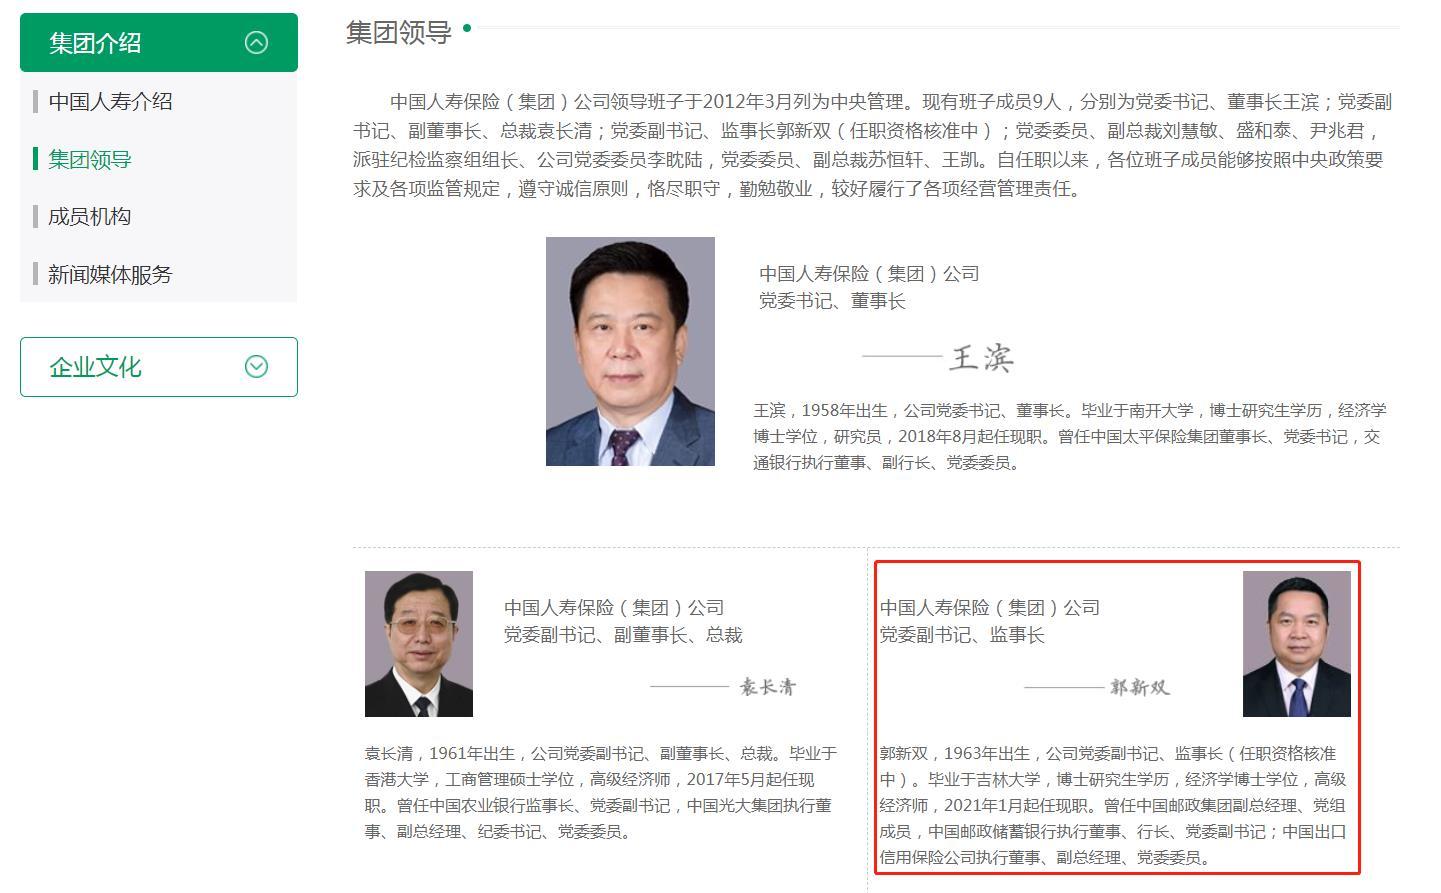 原邮储银行行长郭新双调任国寿集团 其监事长任职资格核准中